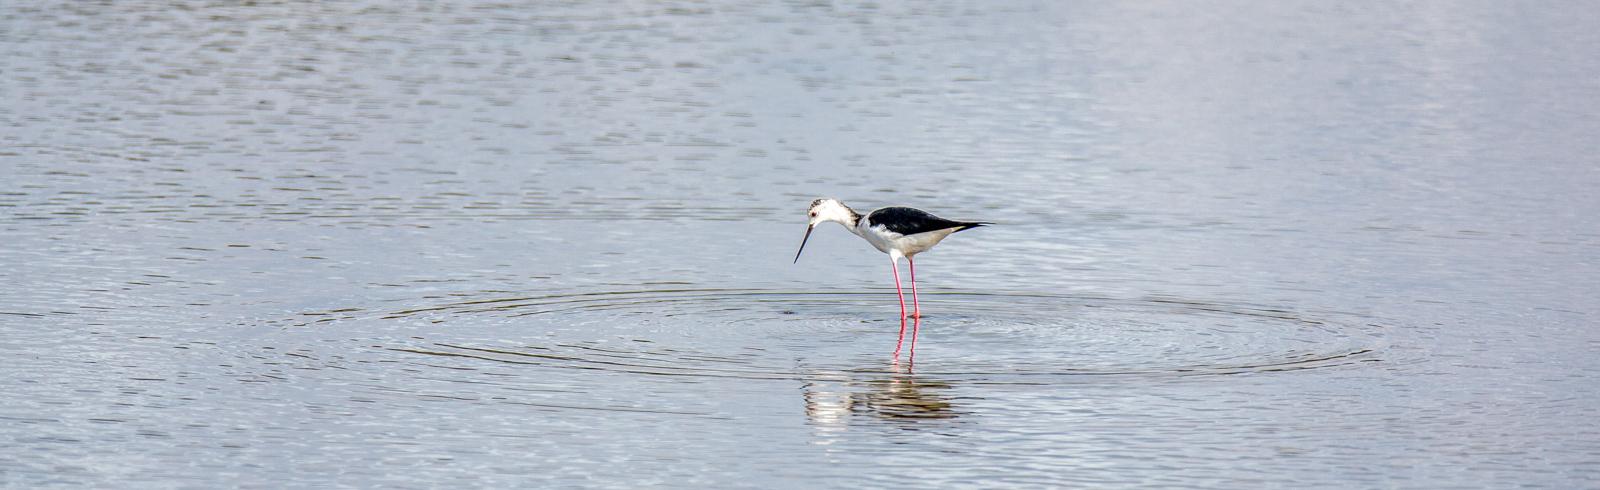 oiseau dans l eau